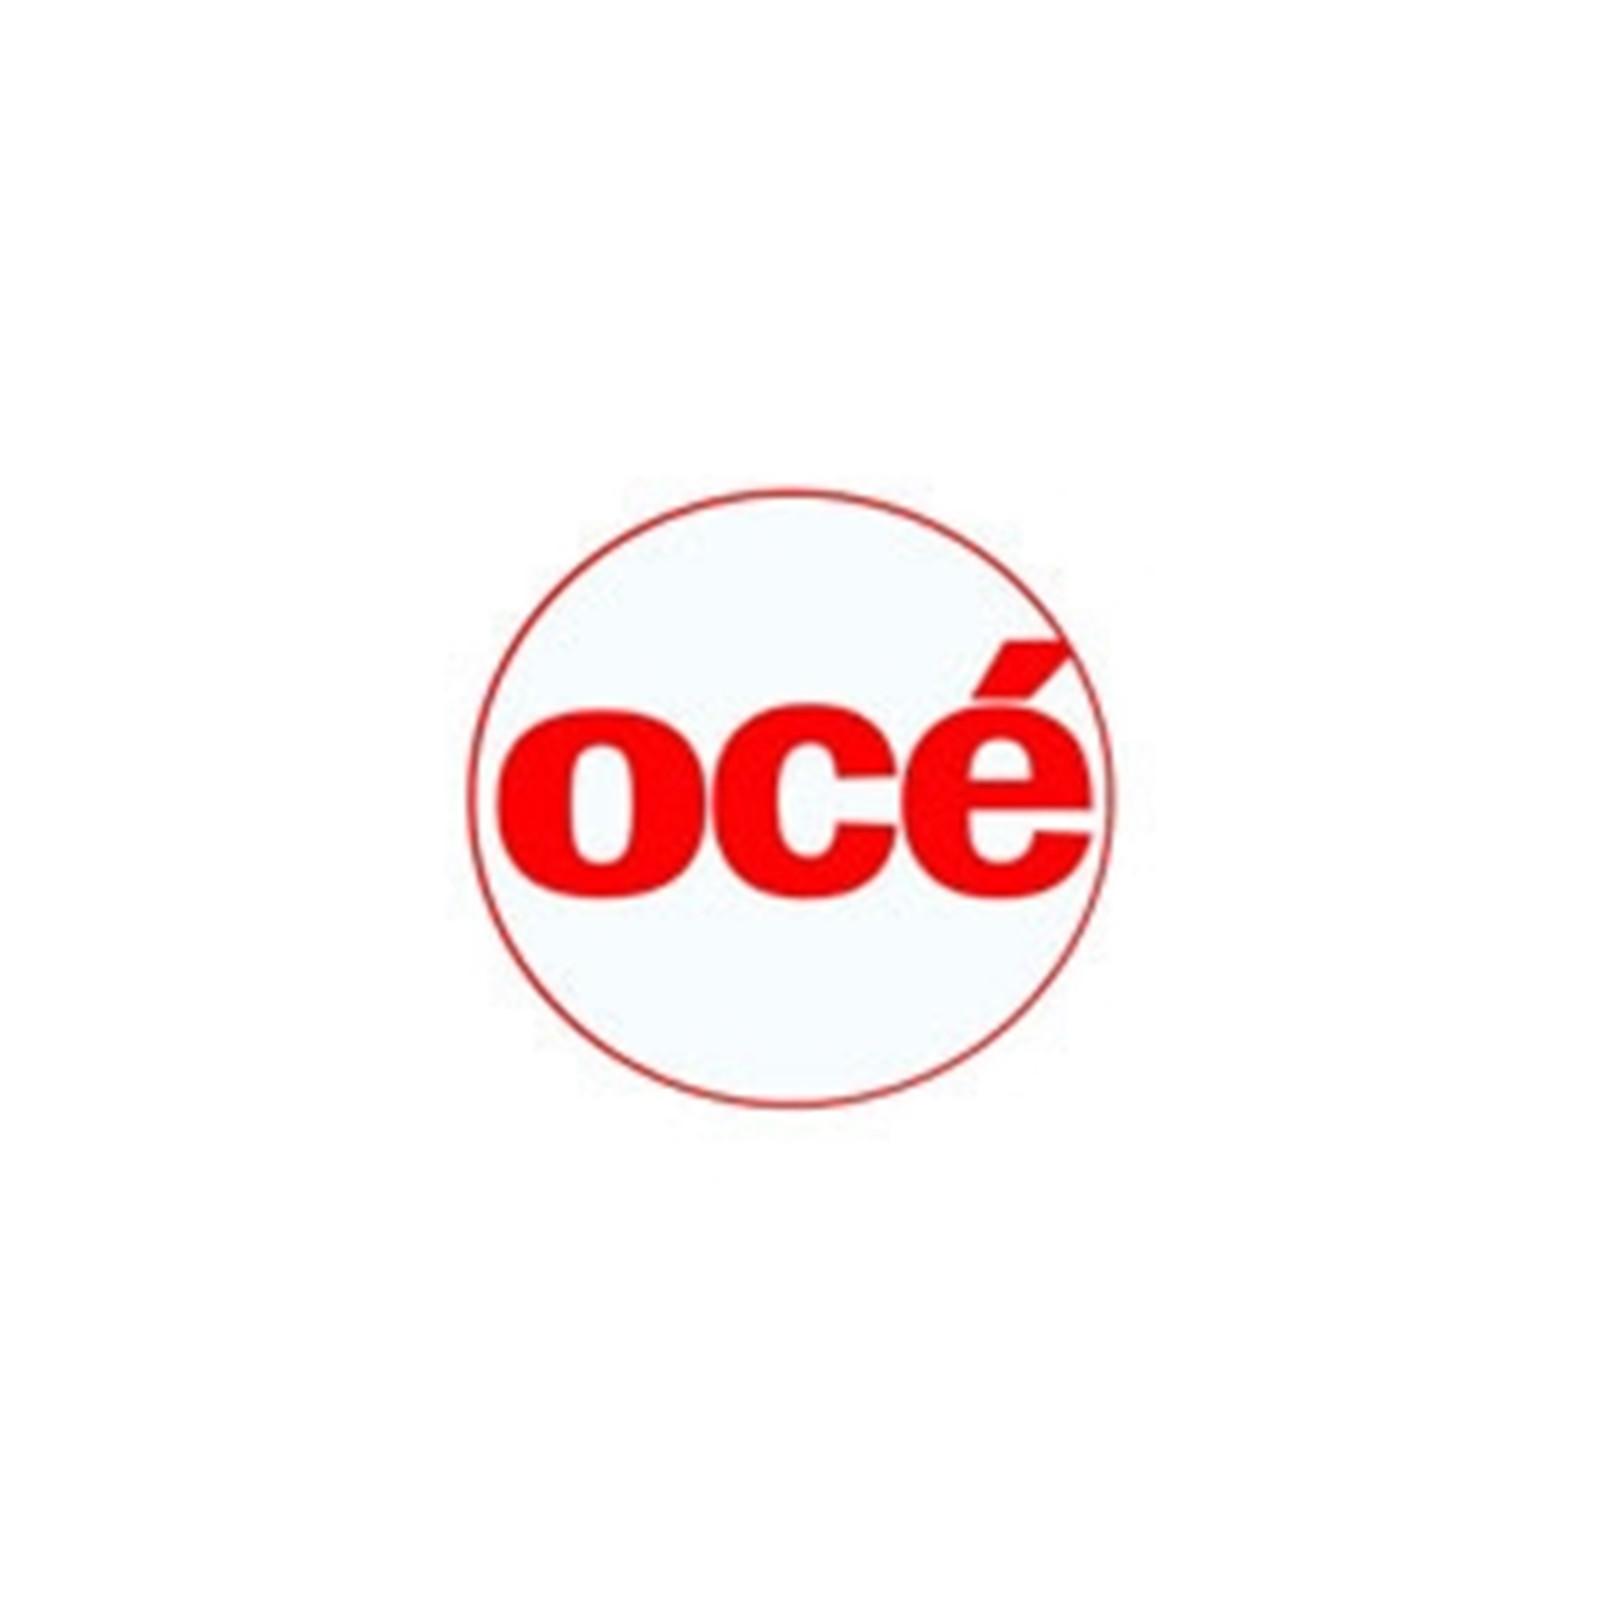 Océ A3 LFM054 297x175 75g Red Label PEFC (2) dual pack